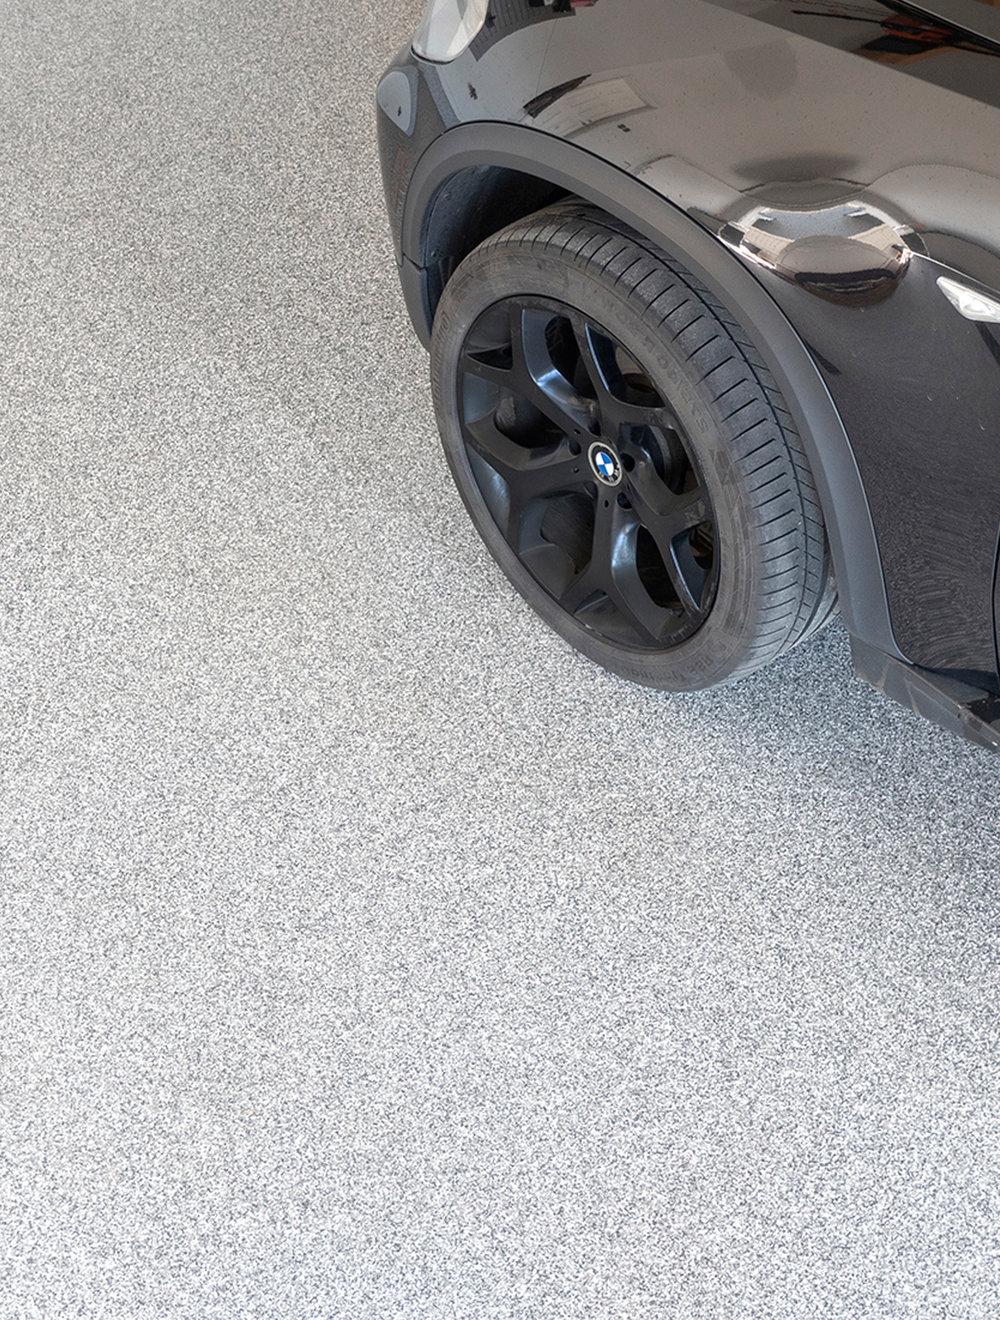 Garage_floor.jpg